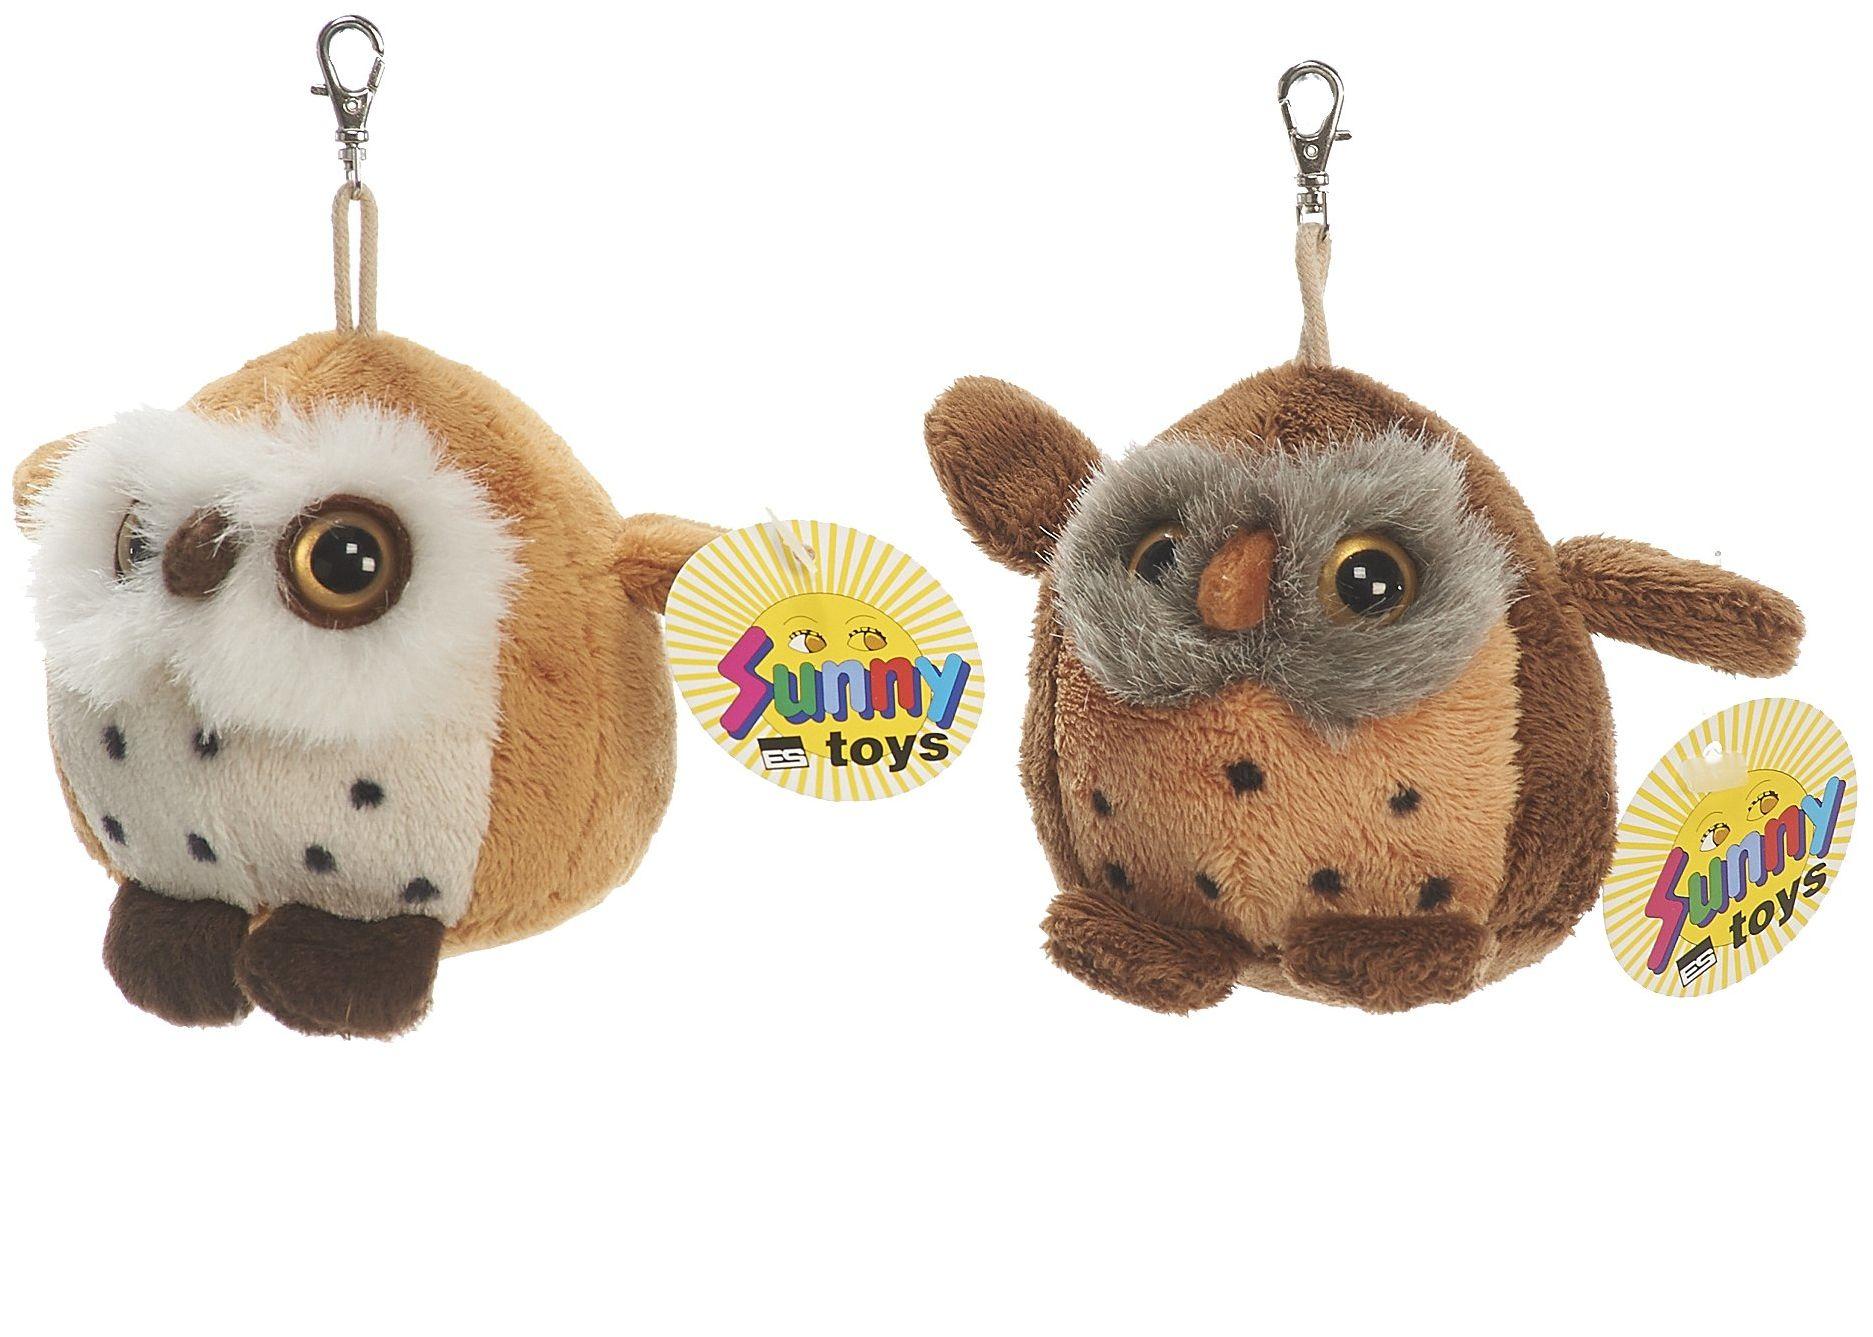 Sunny Toys 32676 - pluszowa sowa z breloczkiem do kluczy, około 8 cm, 2 kolory posortowane